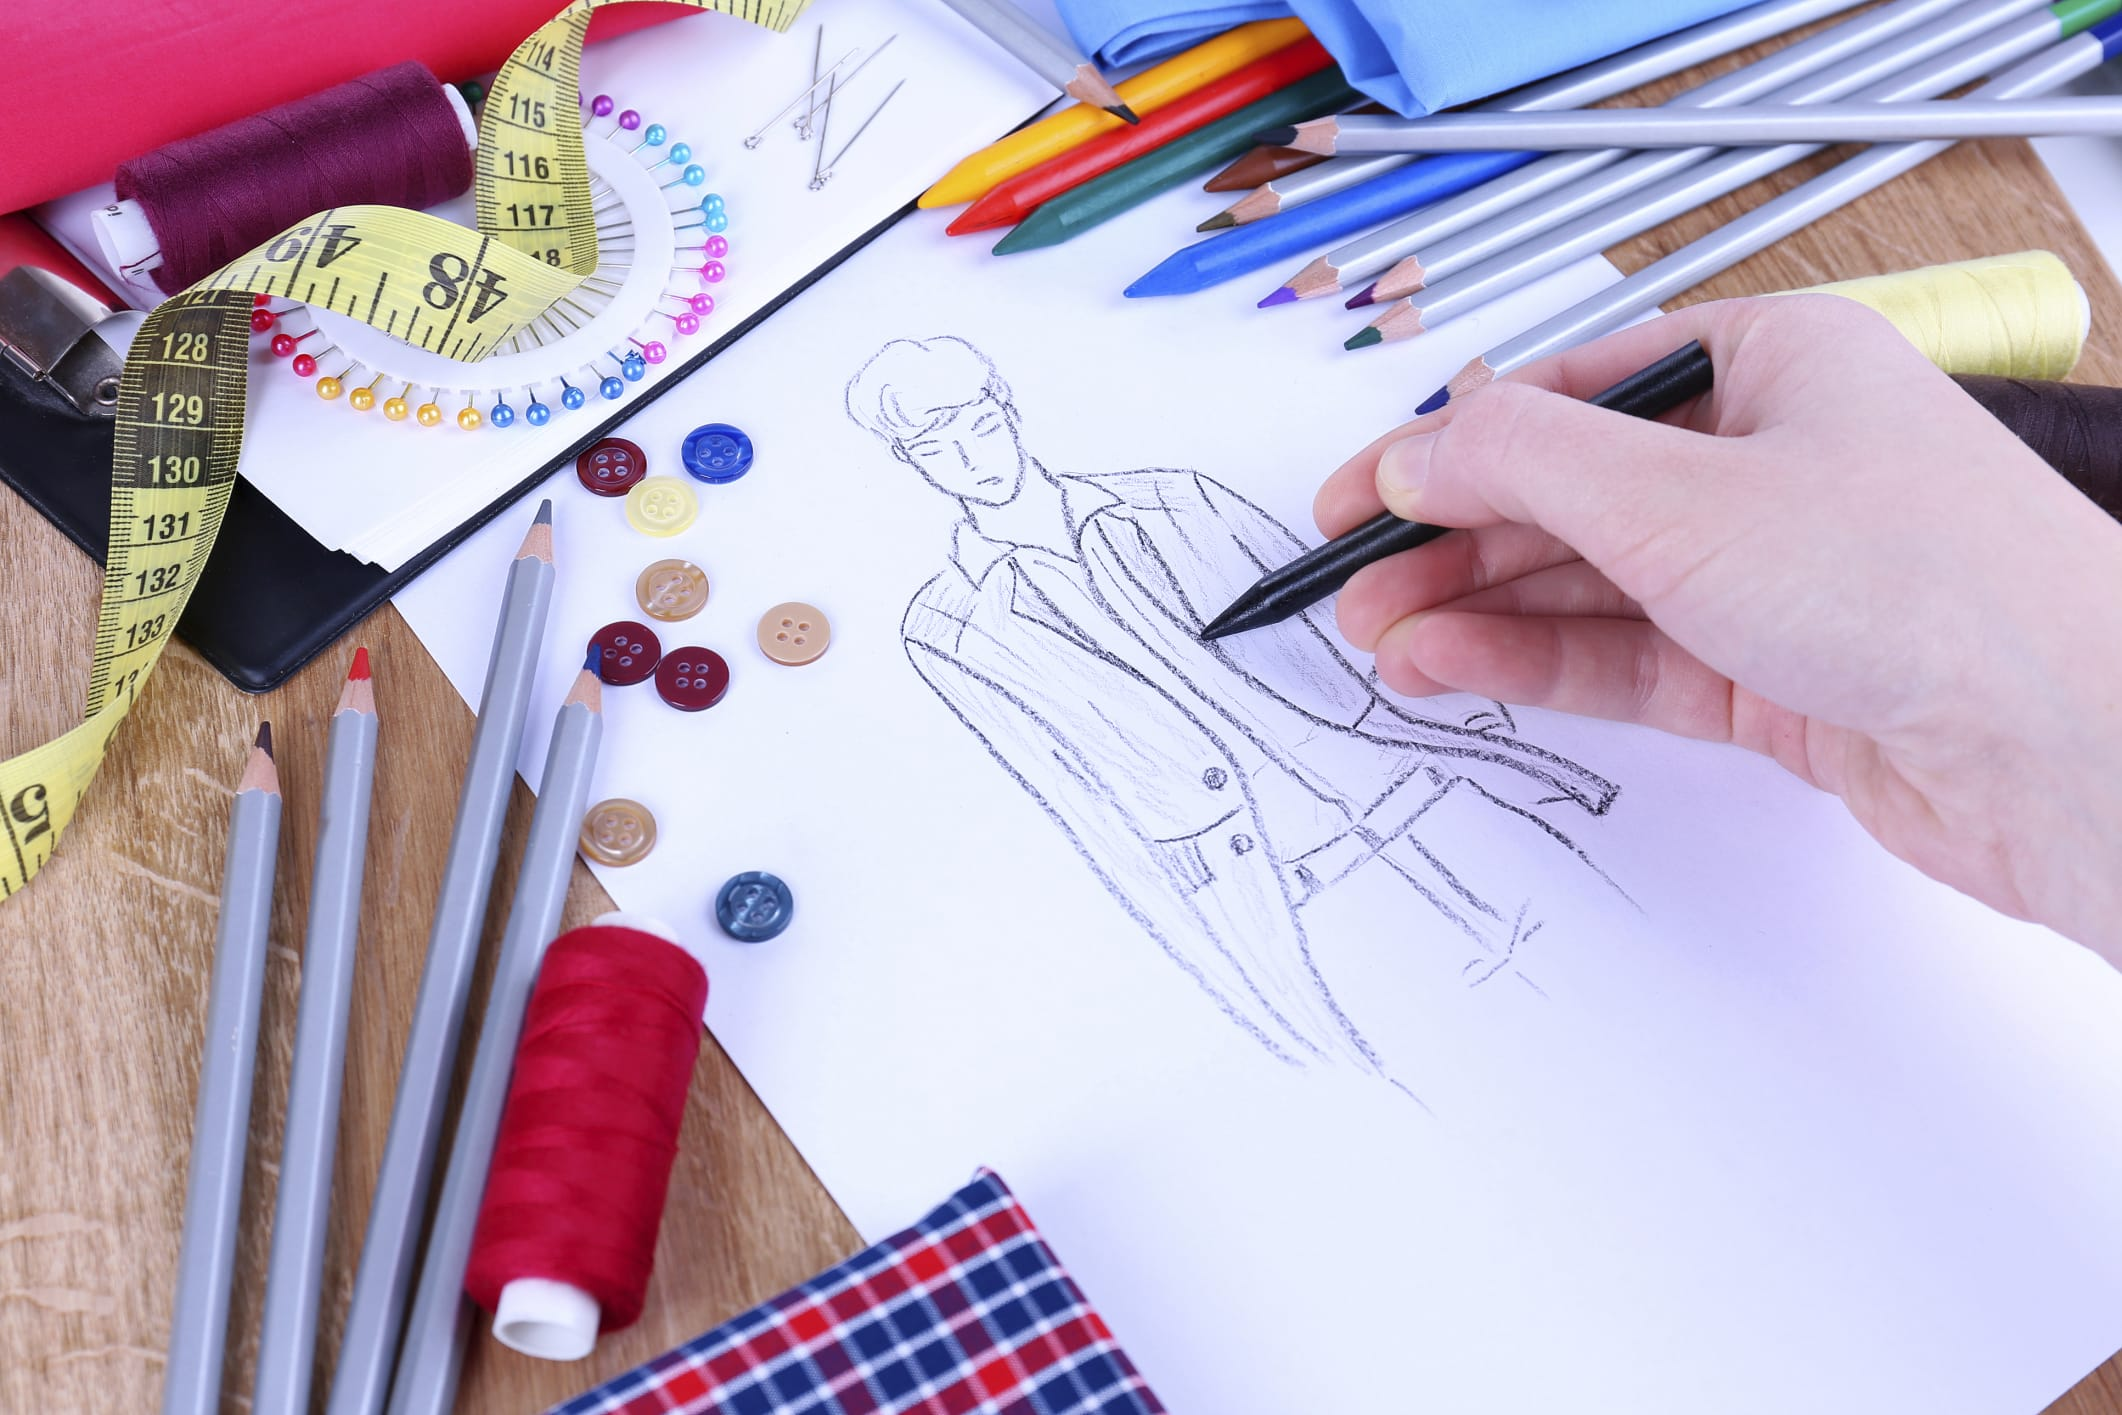 Recupero e riciclo dei materiali: l'atelier Pecora Nera